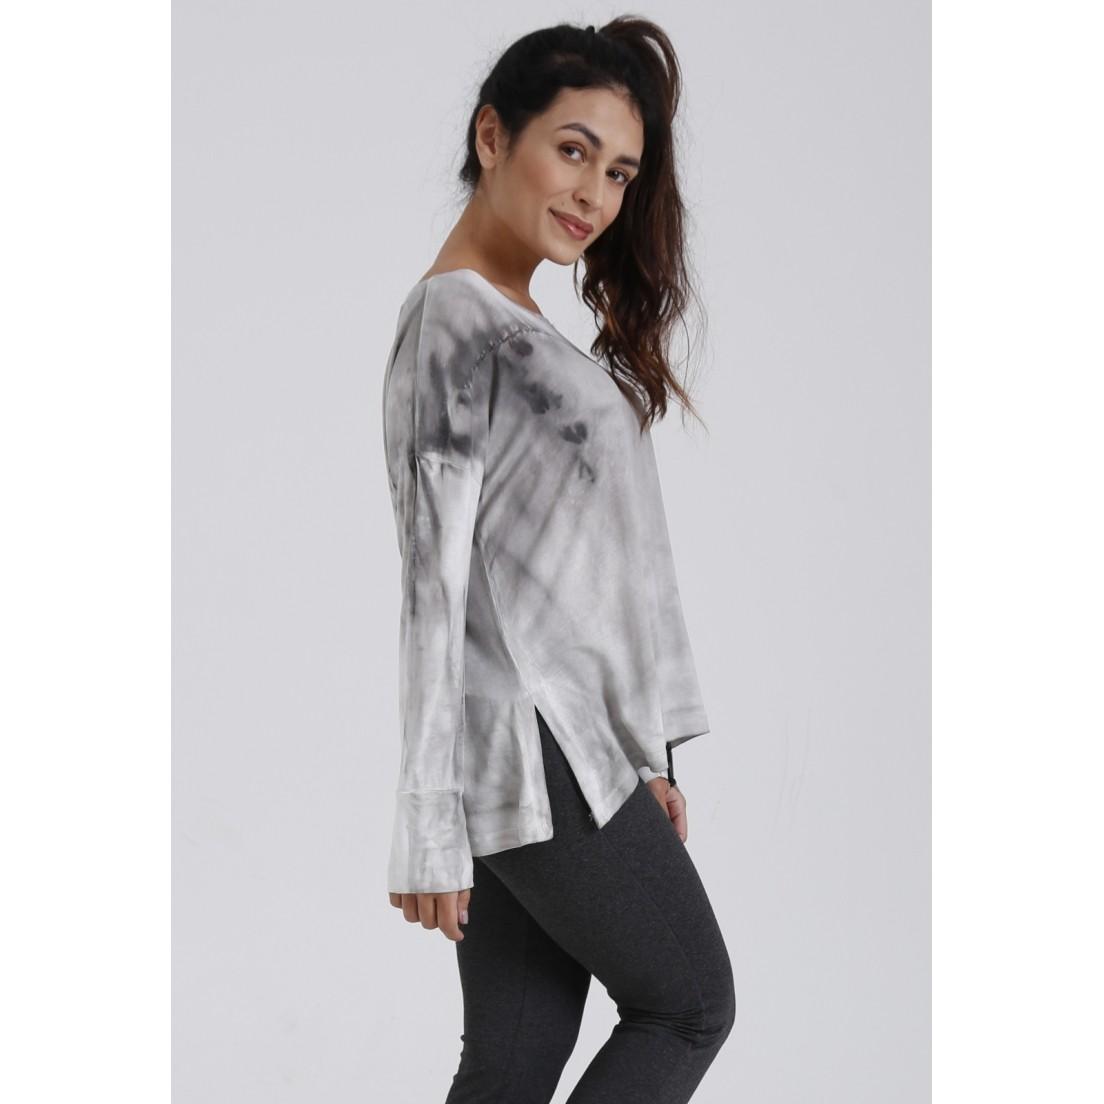 Blusa de Malha Tie Dye Bloomfield  - Metro & Co.